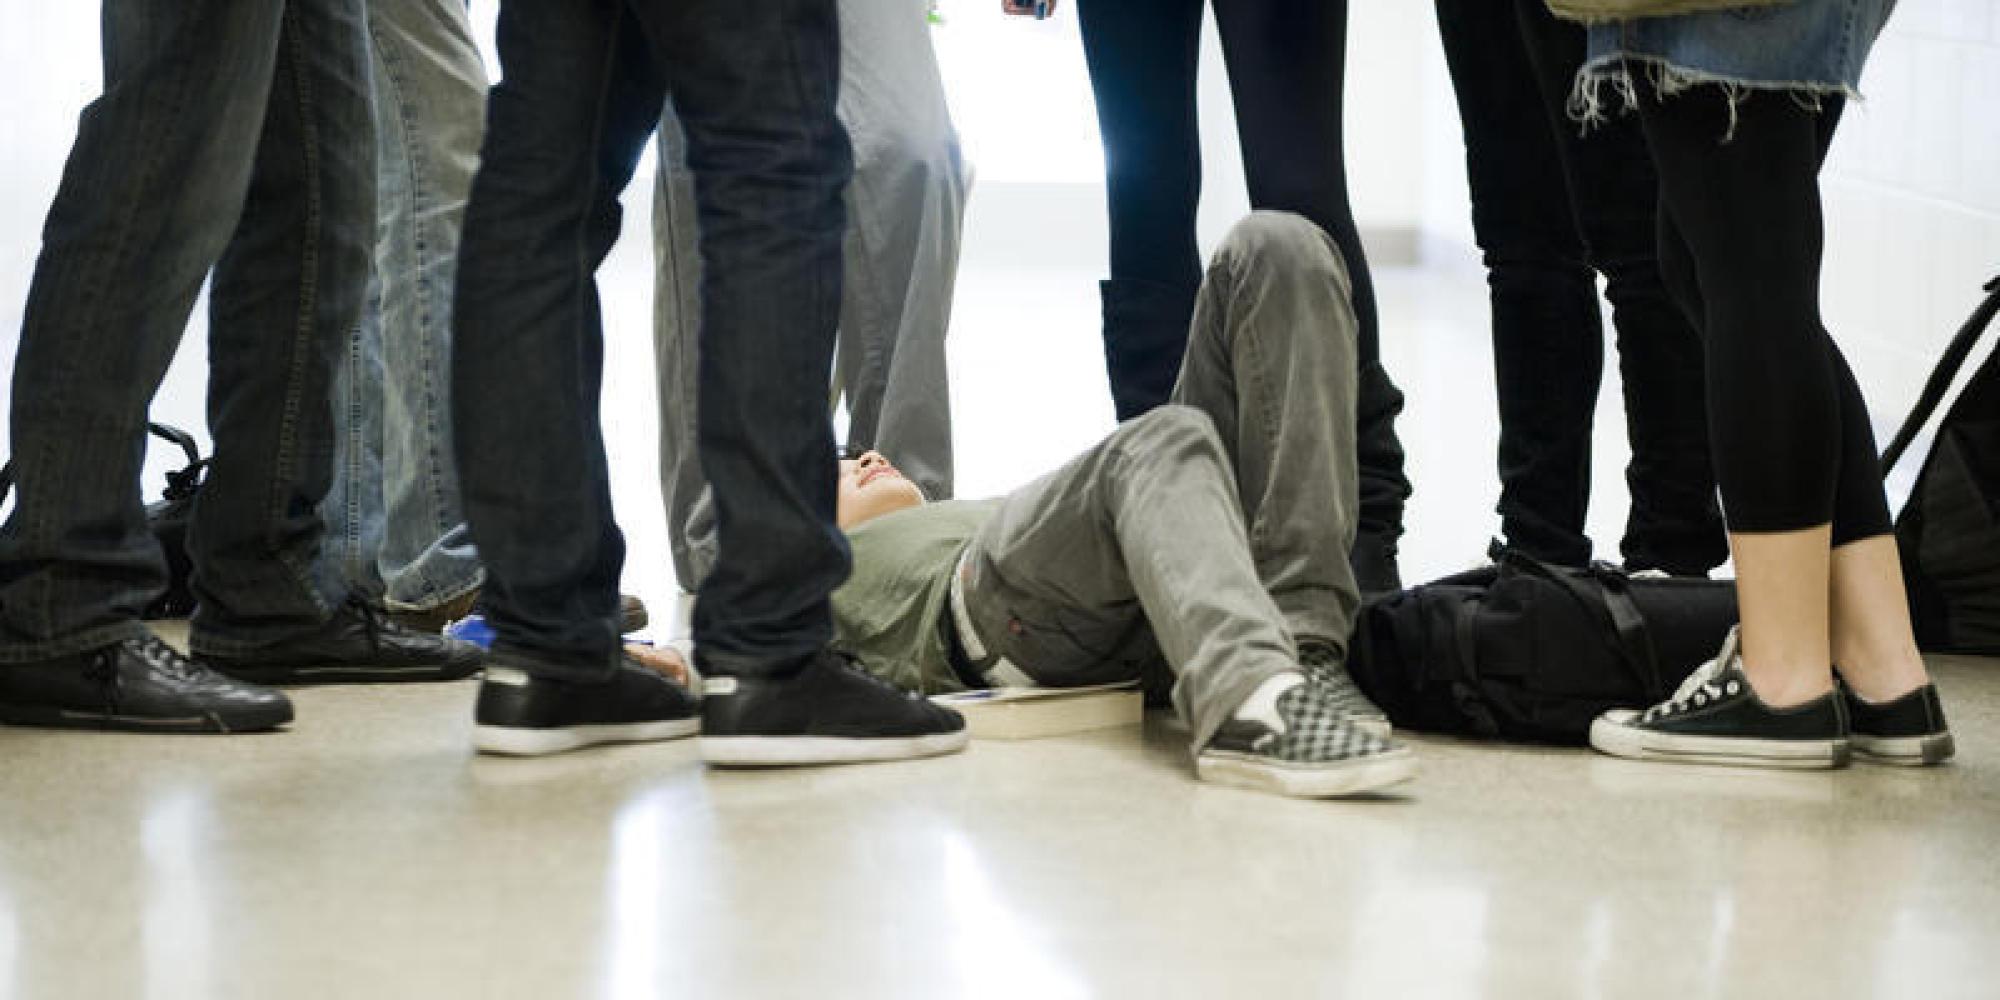 Disoccupazione e bullismo spaventano i ragazzi italiani